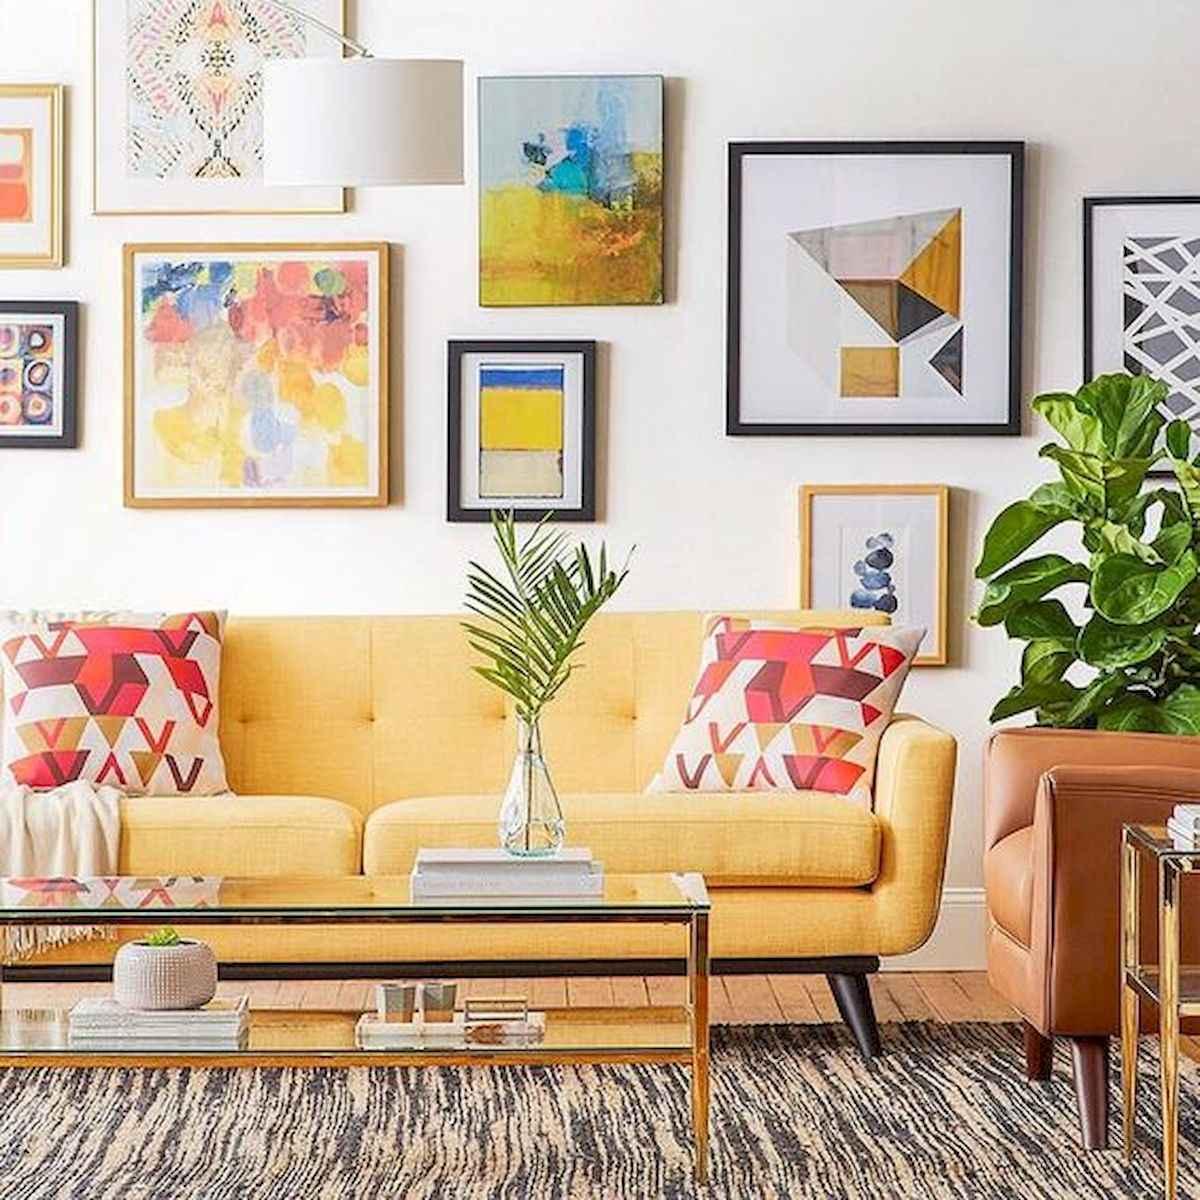 Αποτέλεσμα εικόνας για colorful living rooms design